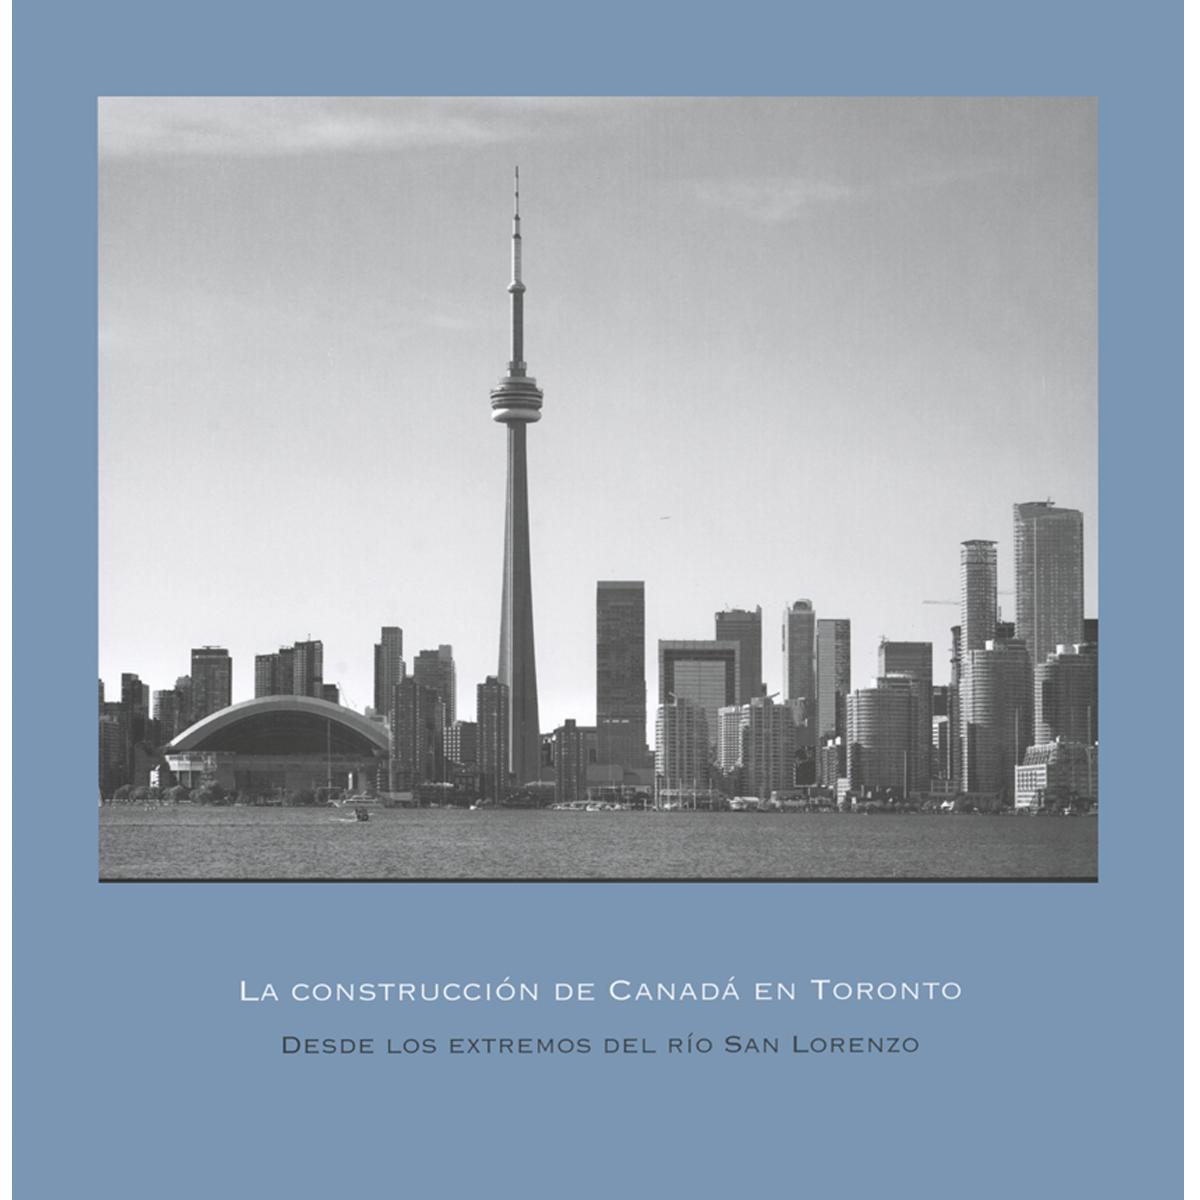 La construcción de Canadá en Toronto